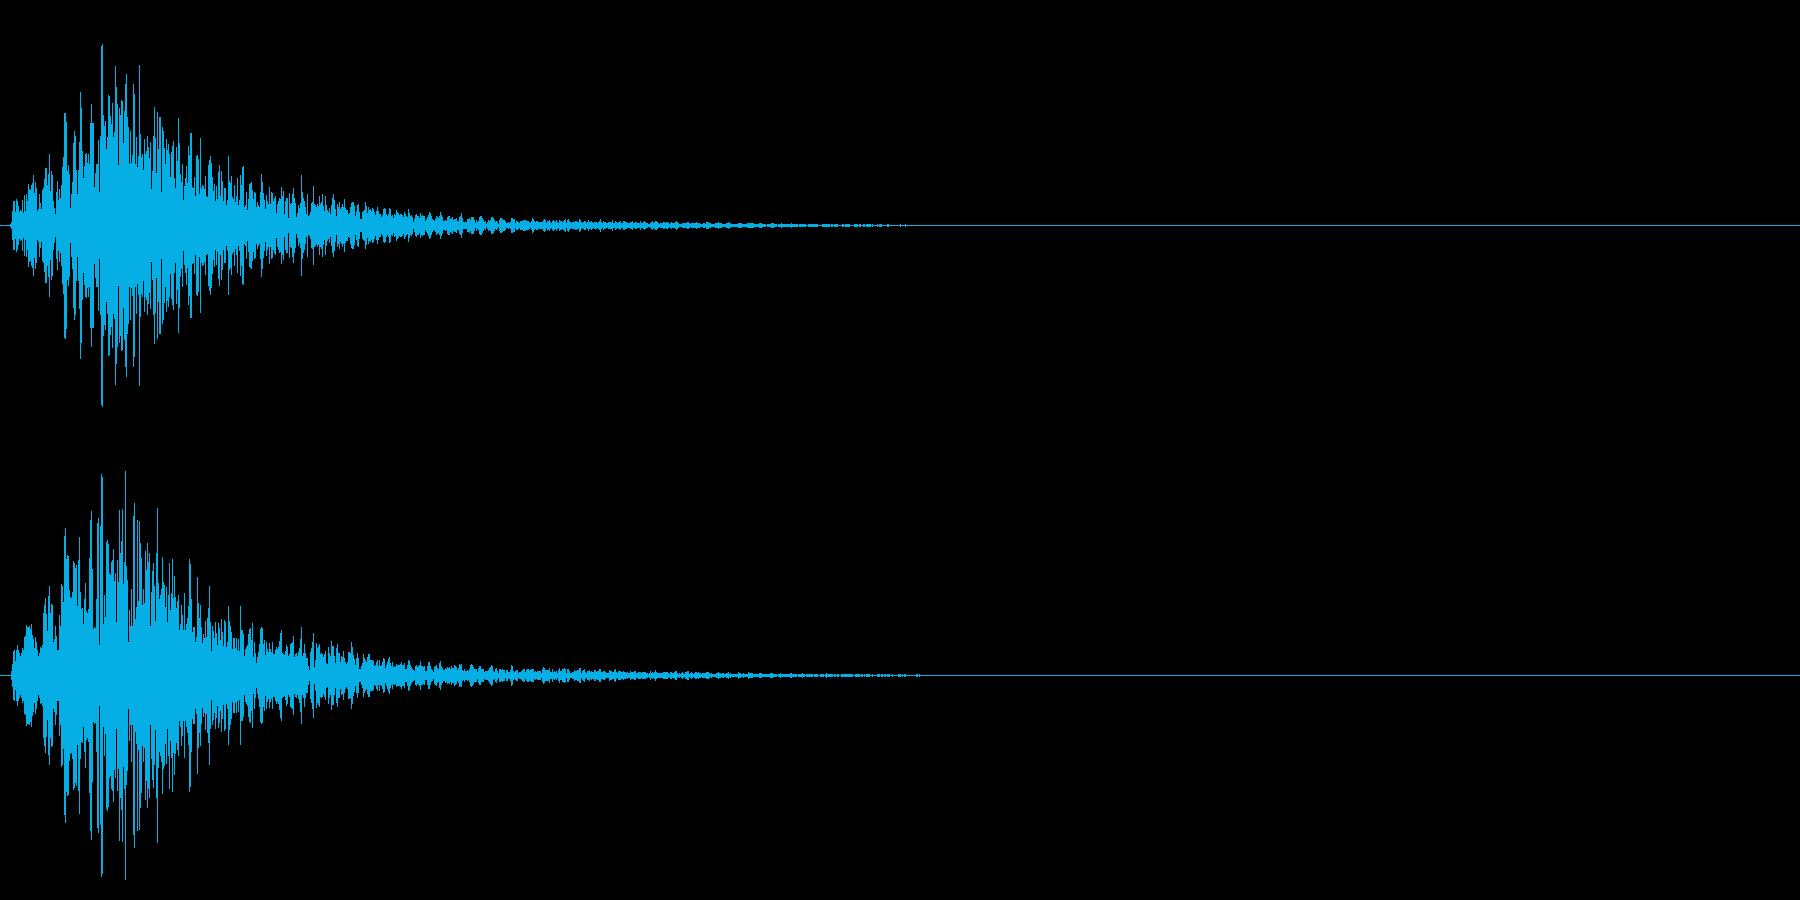 ハープのグリッサンド 低音域バージョンの再生済みの波形